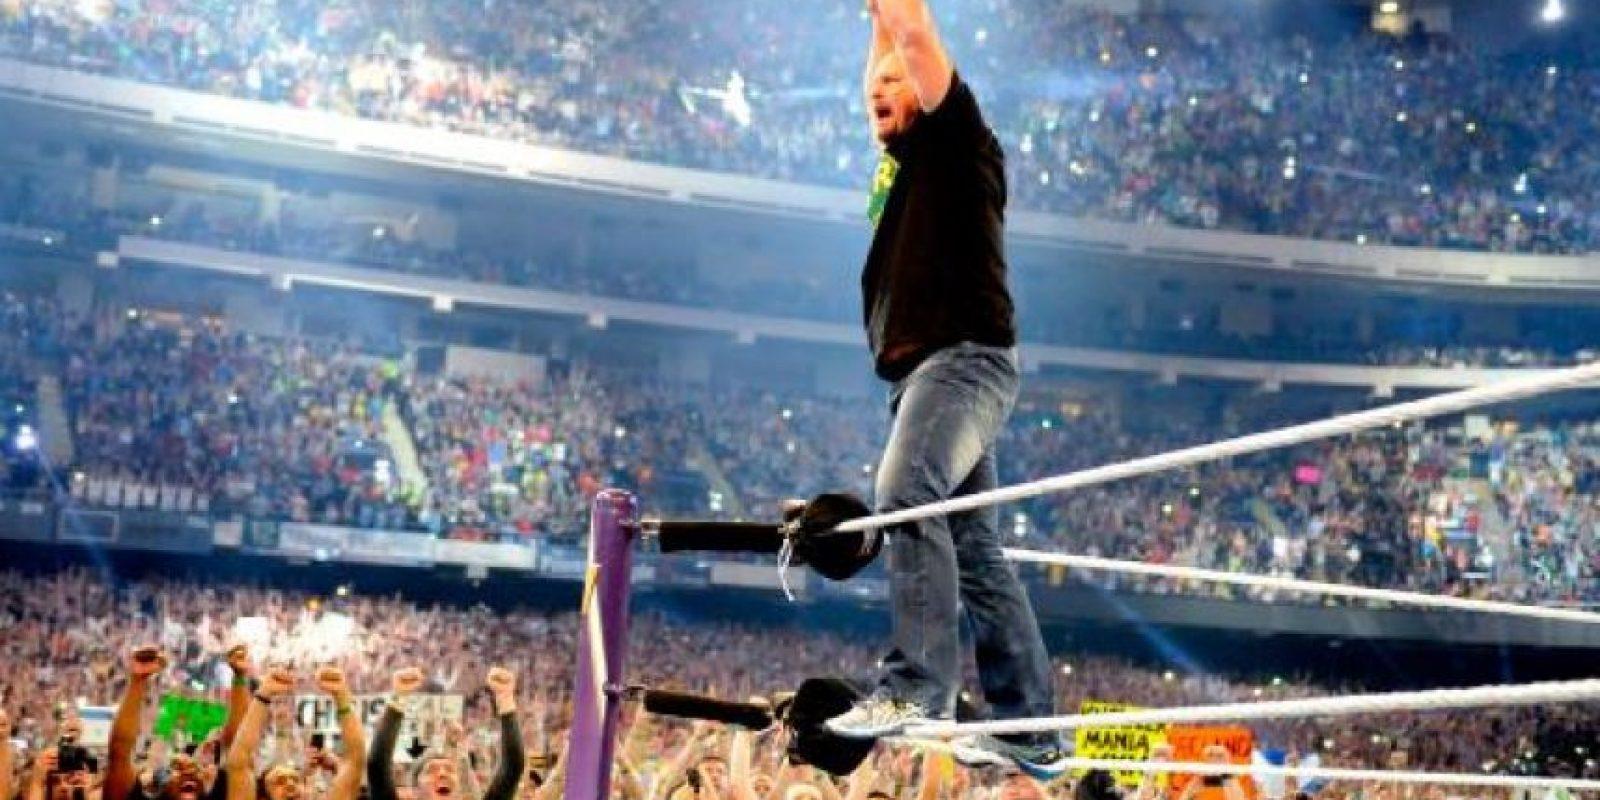 Se trata de Stone Cold Foto:WWE